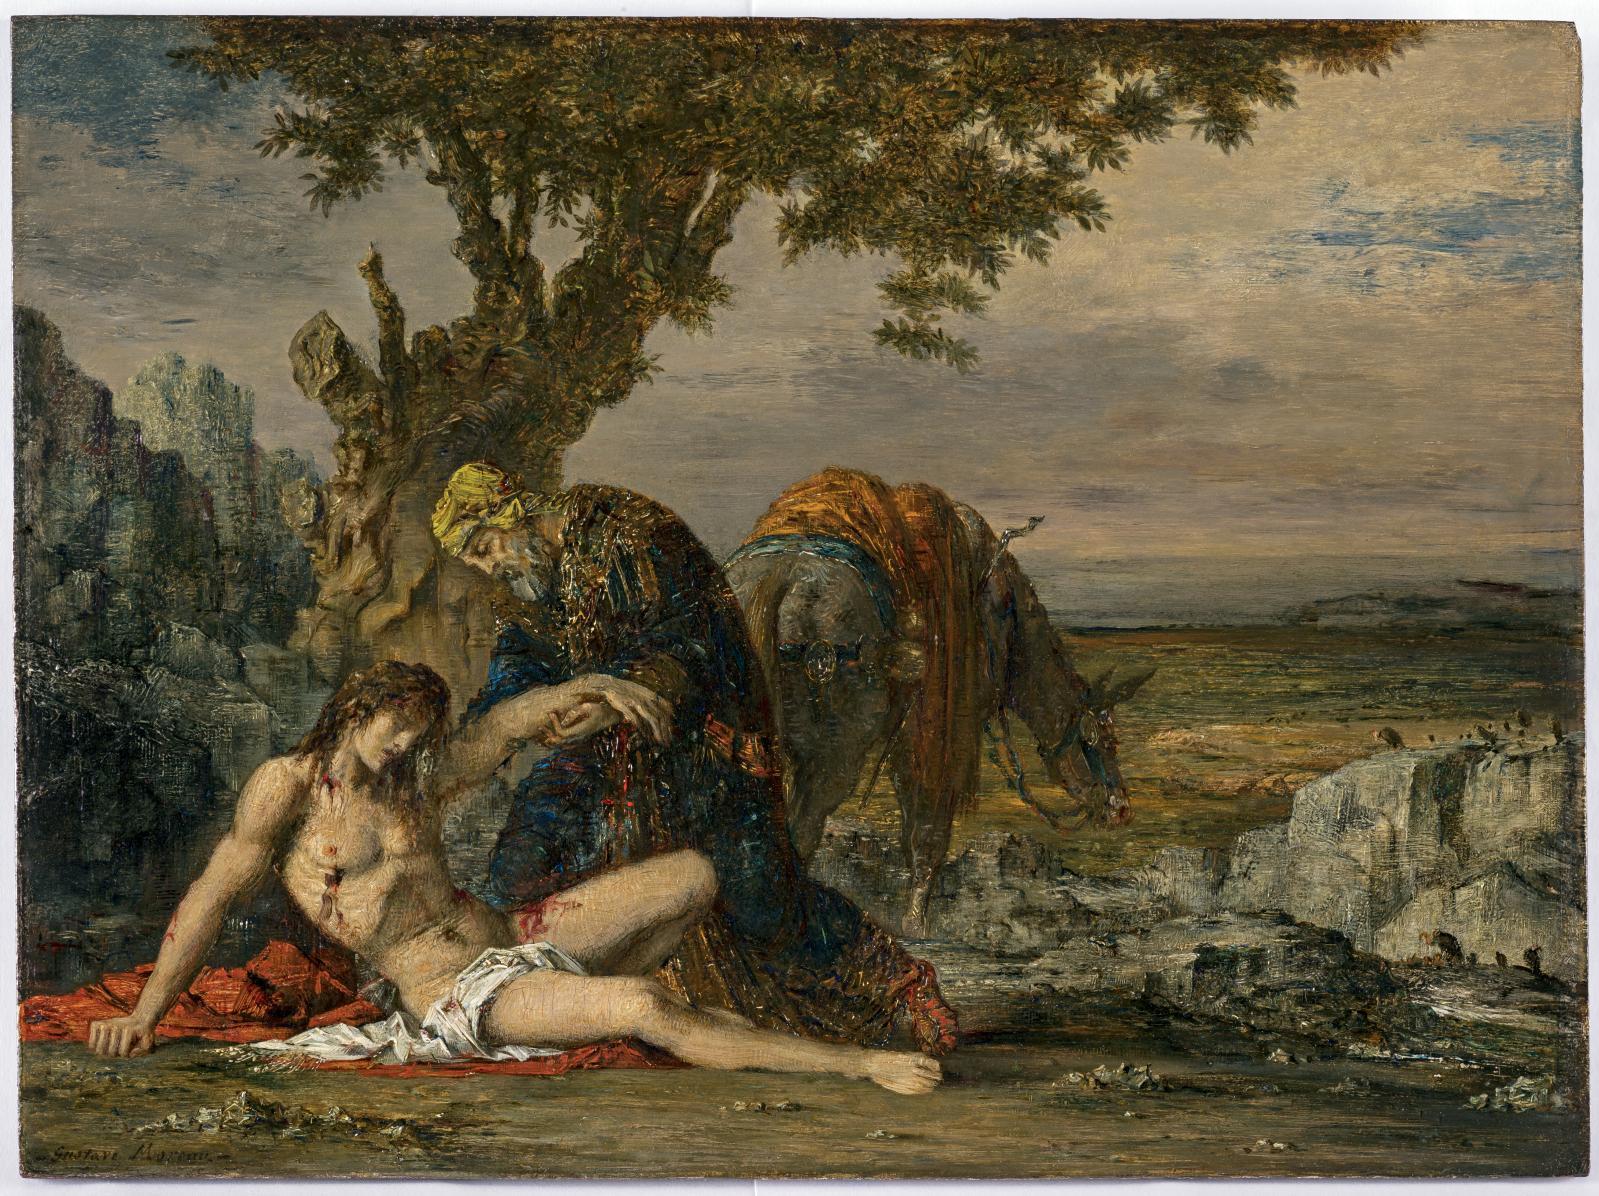 Gustave Moreau (1826-1898), Le Bon Samaritain, vers 1870, huile sur panneau, 28,2x38,2cm (détail). Courtesy Galerie Michel Descours